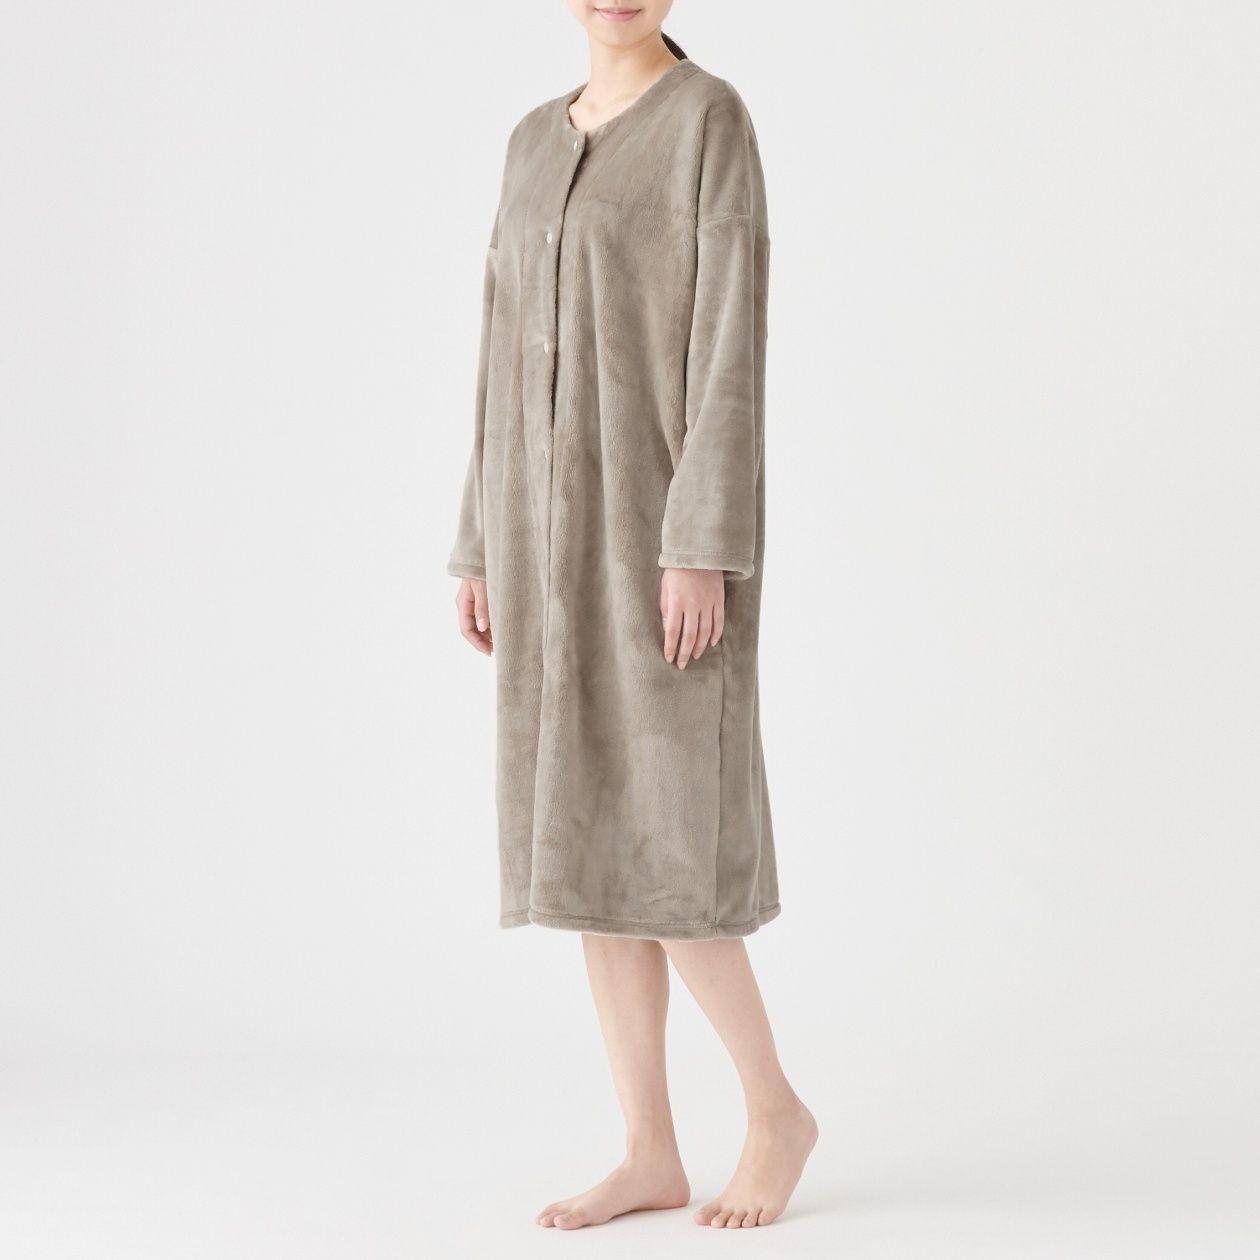 あたたかファイバー 着る毛布スリーパー